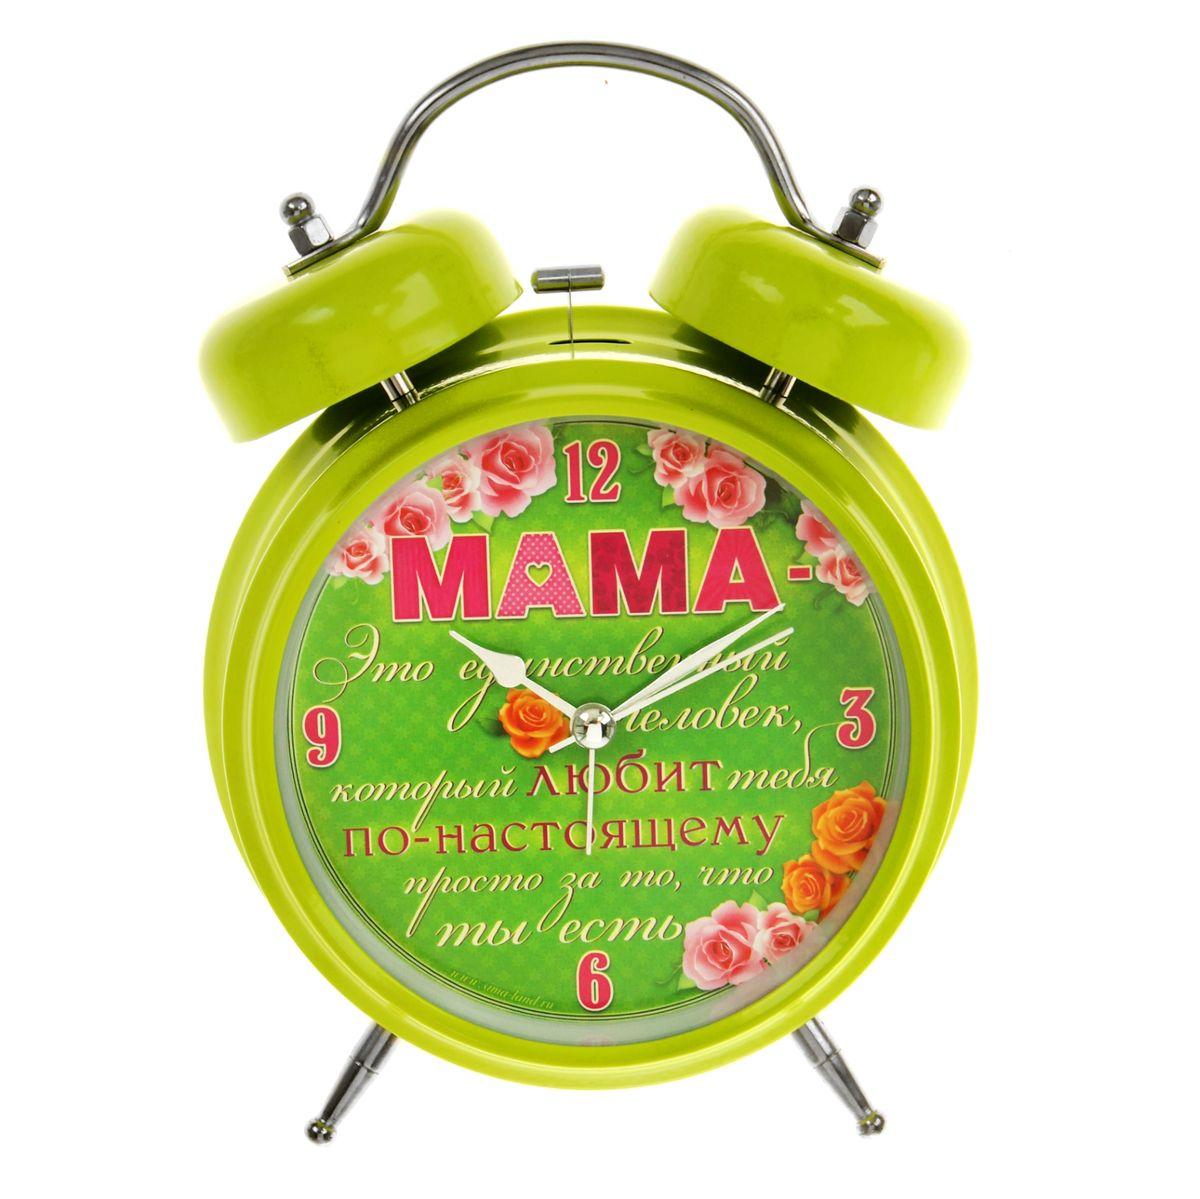 Часы-будильник Sima-land Мама - незаменимый человекRRM116-gКак же сложно иногда вставать вовремя! Всегда так хочется поспать еще хотя бы 5 минут и бывает, что мы просыпаем. Теперь этого не случится! Яркий, оригинальный будильник Sima-land Мама - незаменимый человек поможет вам всегда вставать в нужное время и успевать везде и всюду. Такой будильник также станет прекрасным подарком. На задней панели будильника расположены переключатель включения/выключения механизма и два колесика для настройки текущего времени и времени звонка будильника. Также будильник оснащен кнопкой, при нажатии и удержании которой подсвечивается циферблат.Будильник работает от 1 батарейки типа AA напряжением 1,5V (не входит в комплект).